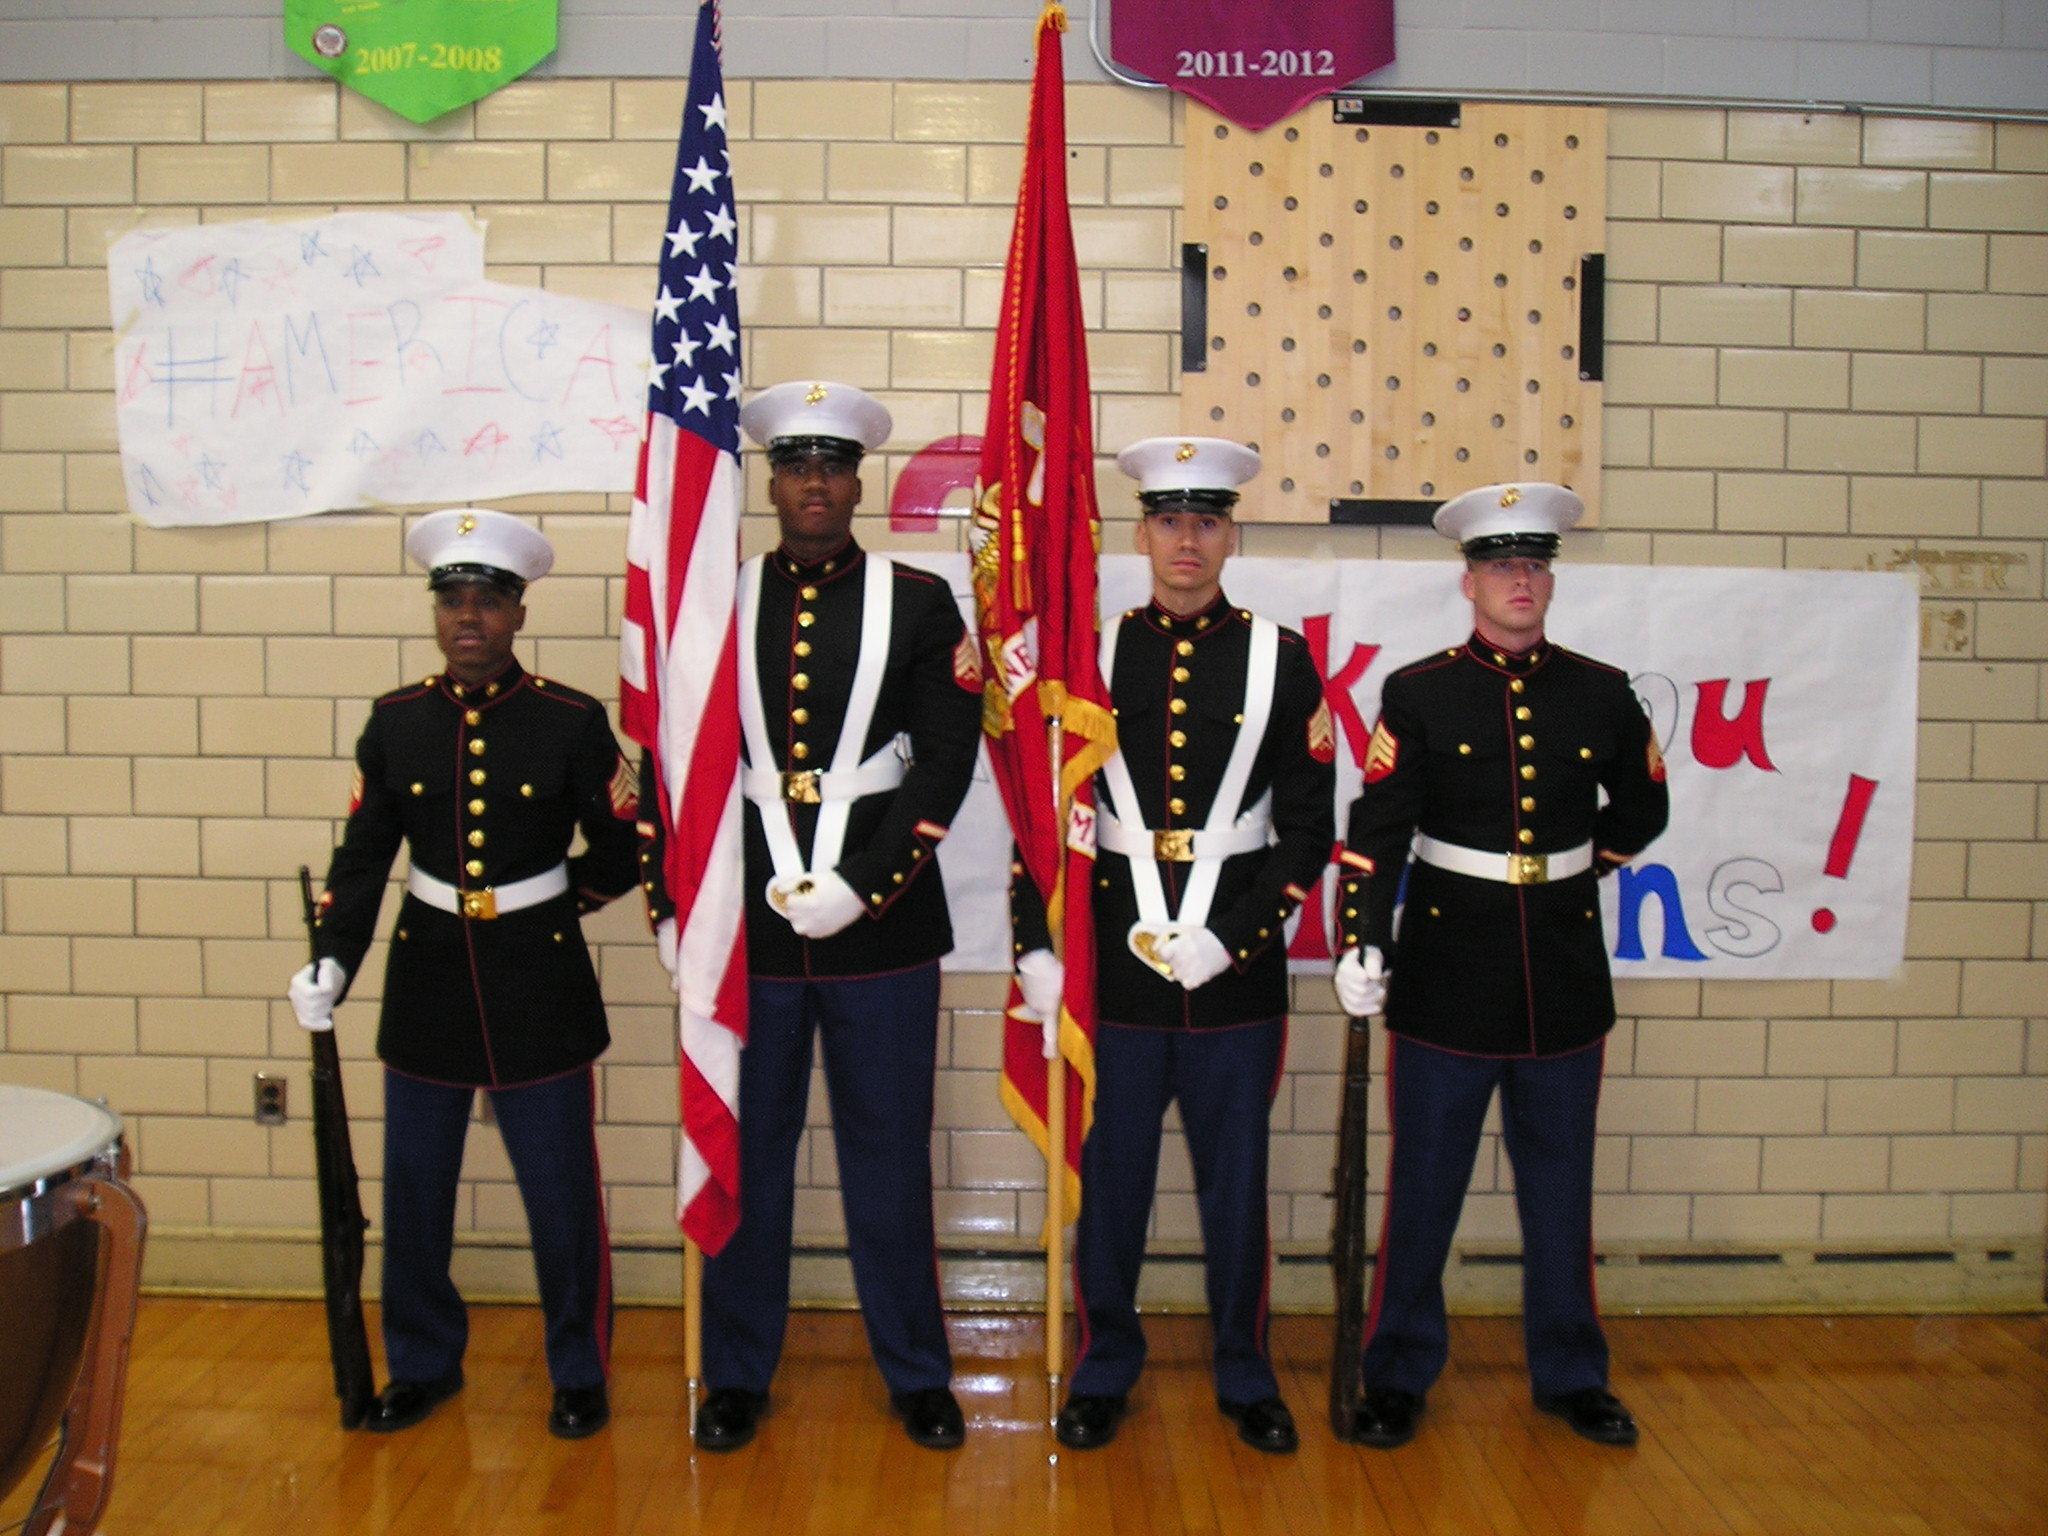 b7d0eec4aa5224d74f99_Marine_Color_Guard.JPG